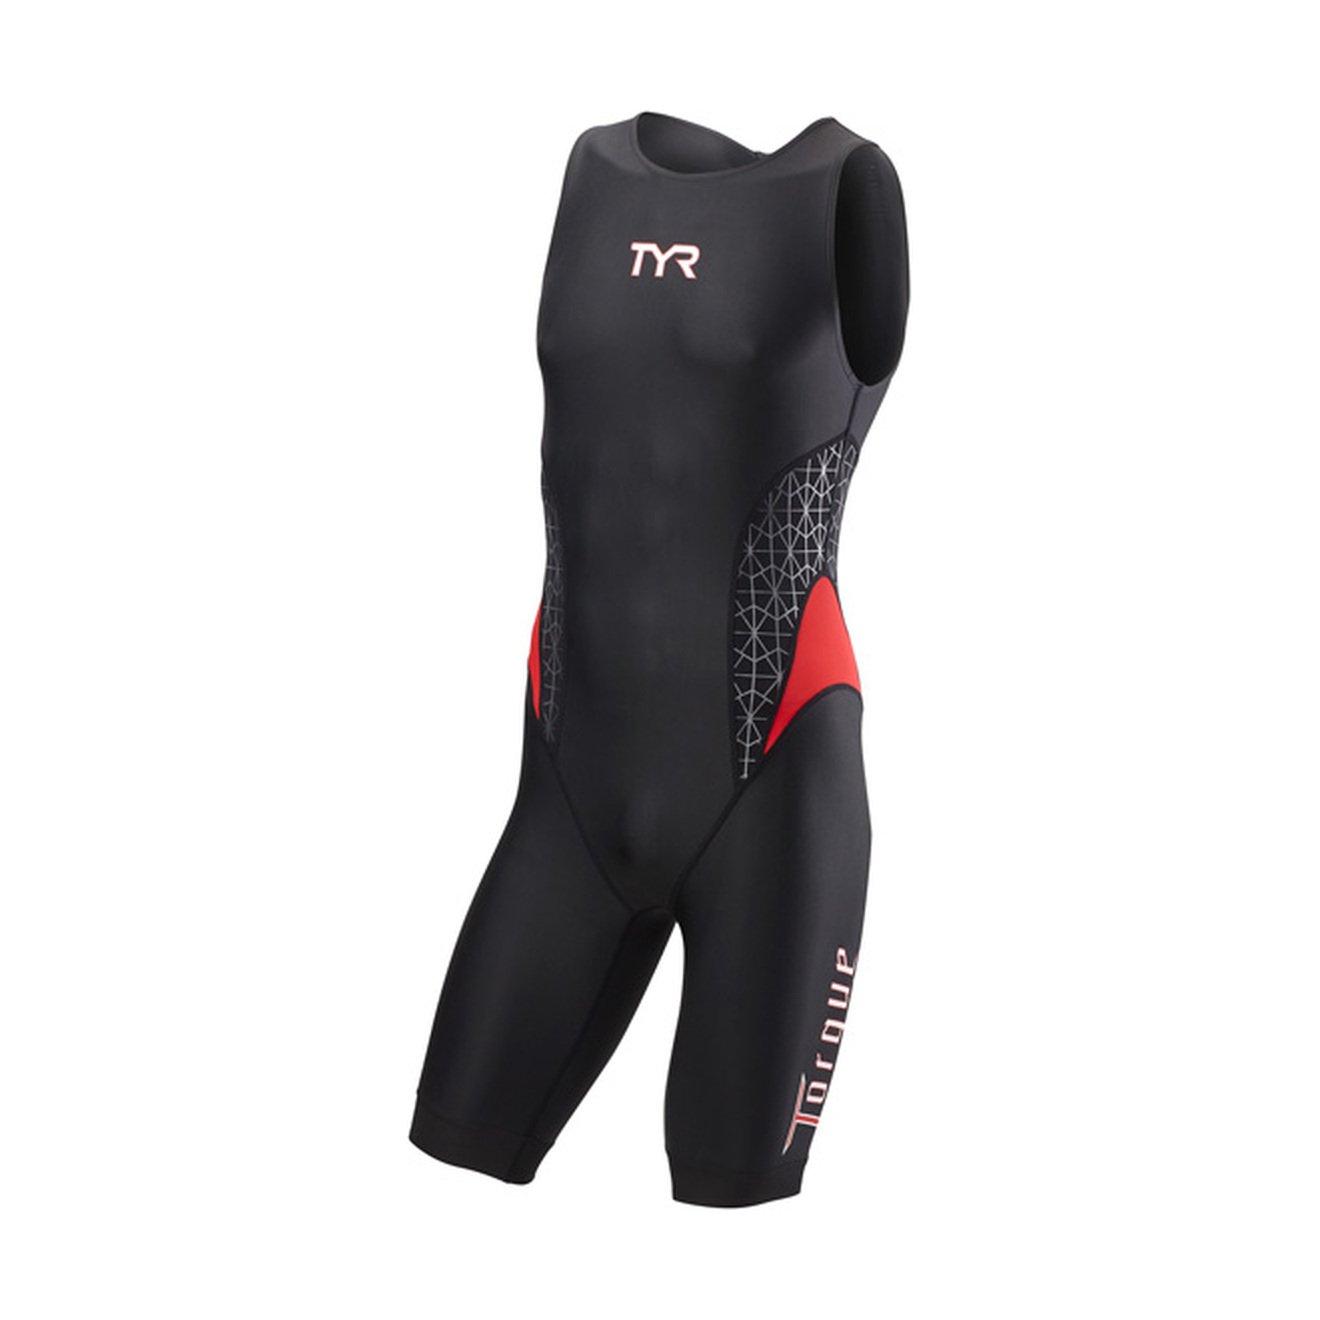 TYRトルクPro Men 's Swimskin :ブラック/レッドLG   B01N4UD6O8